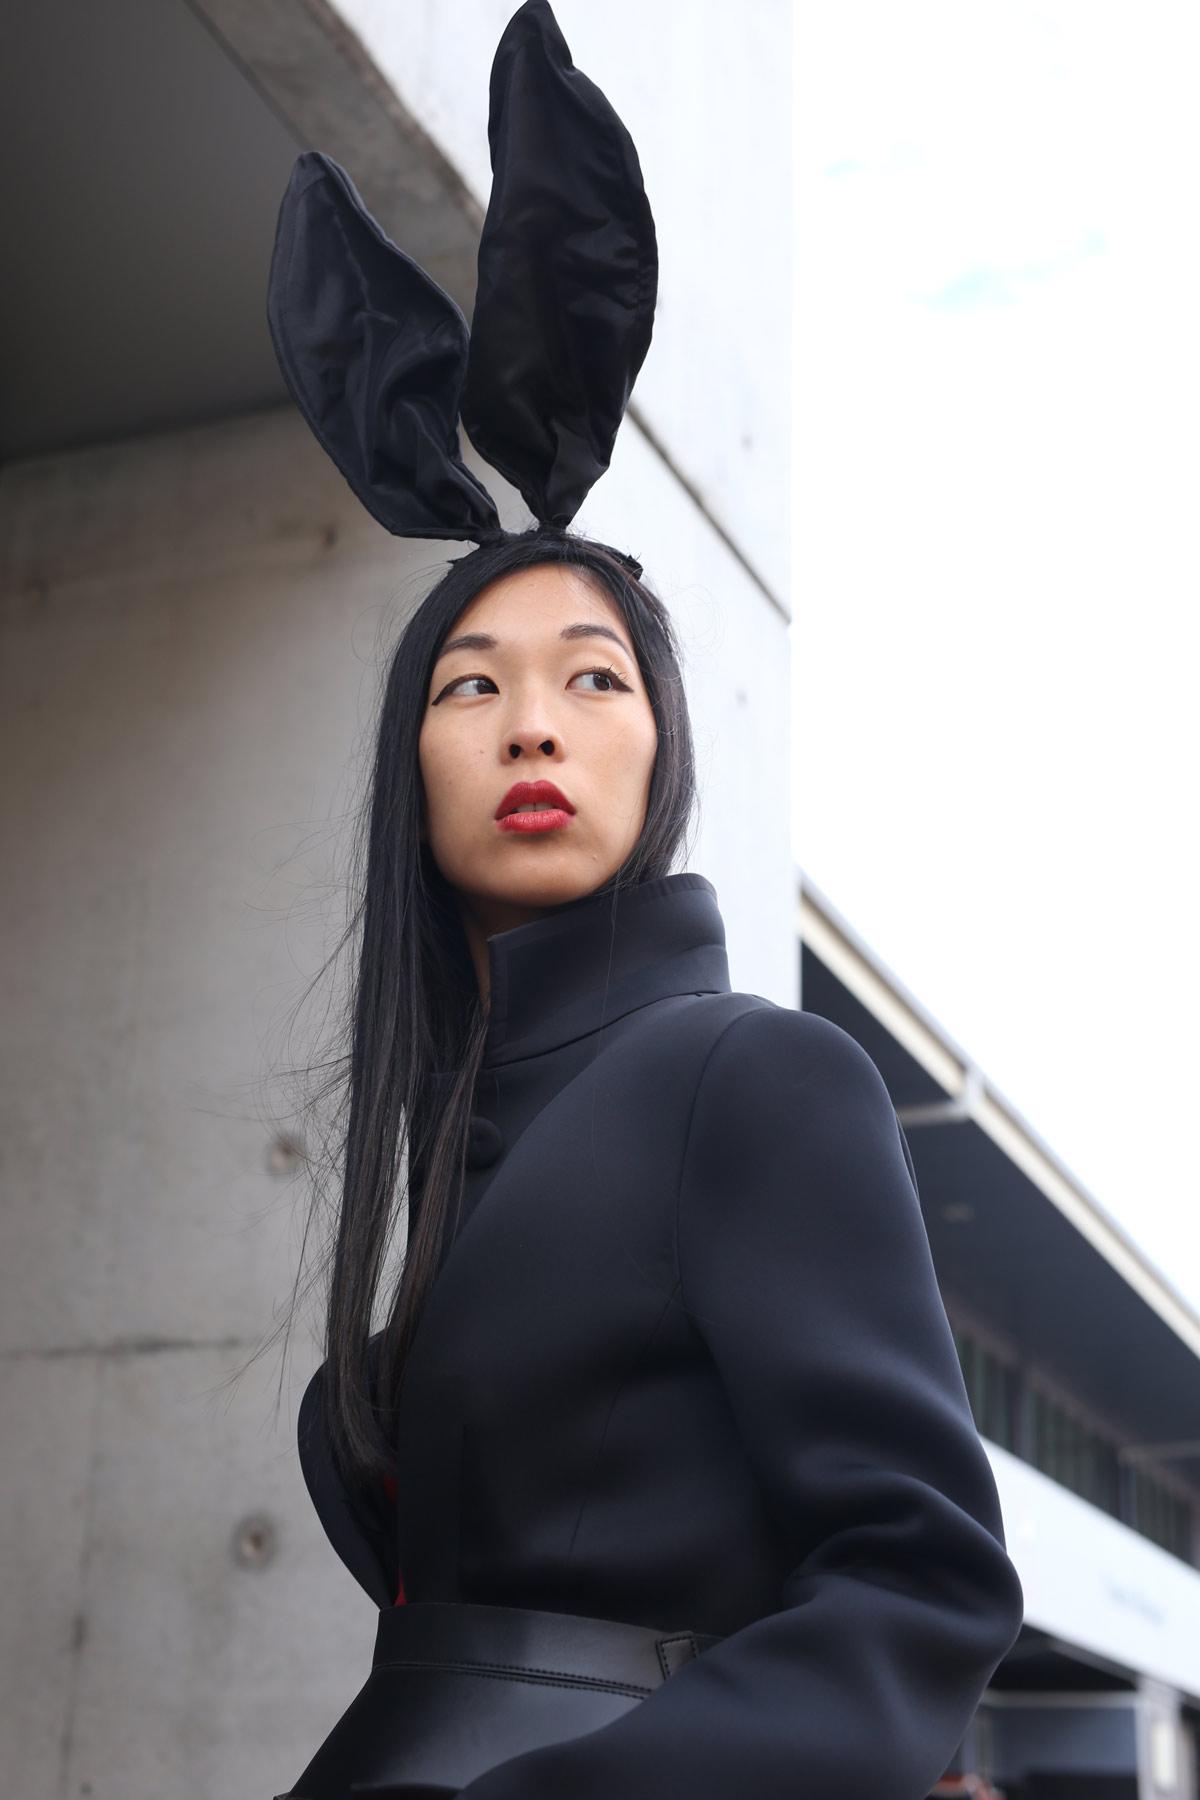 girl in the bunny ears, MBFWA, fashion week